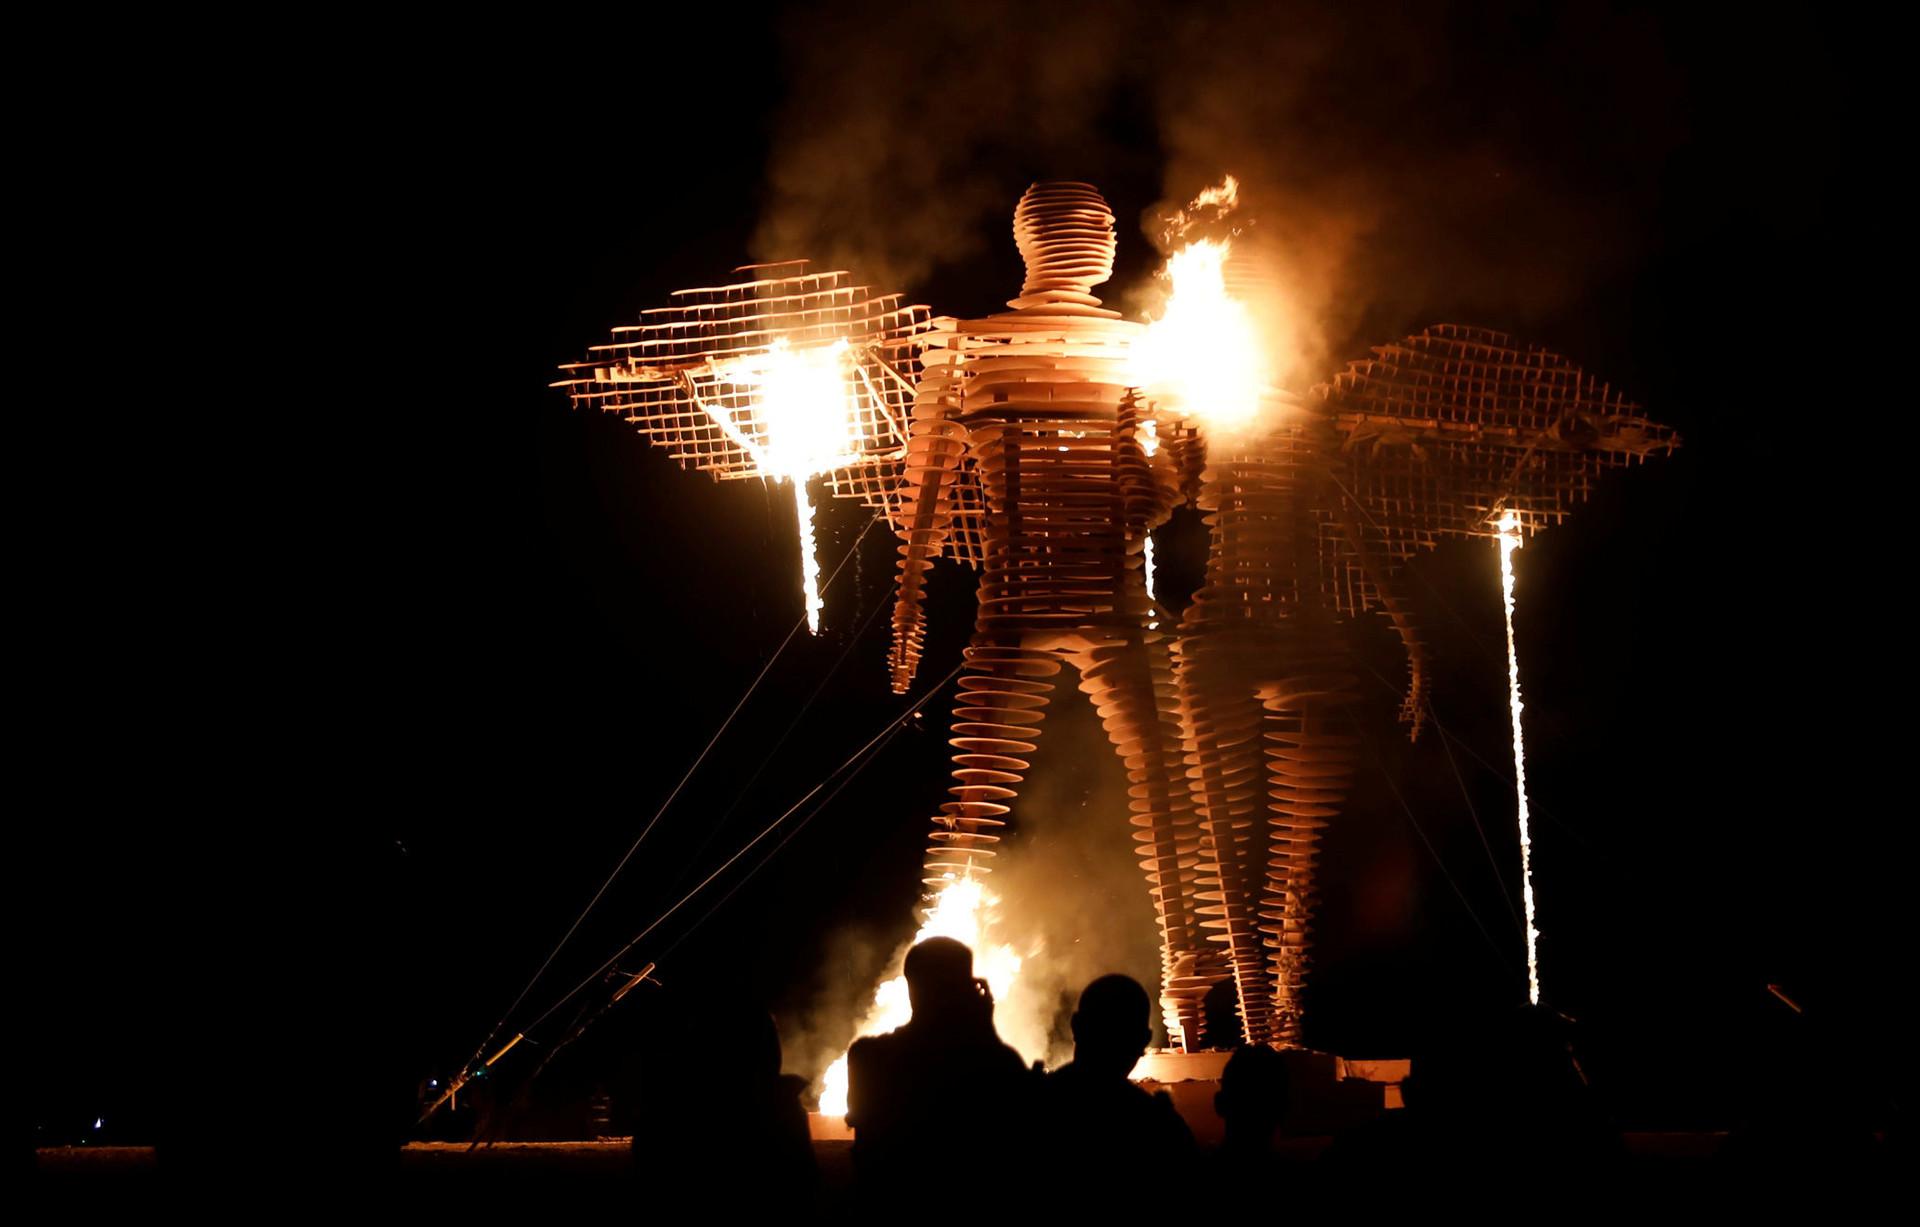 Первое сожжение небольшого деревянного человека было в 1986 году, тогда ещё на одном из пляжей Сан-Франциско, небольшой группой друзей.